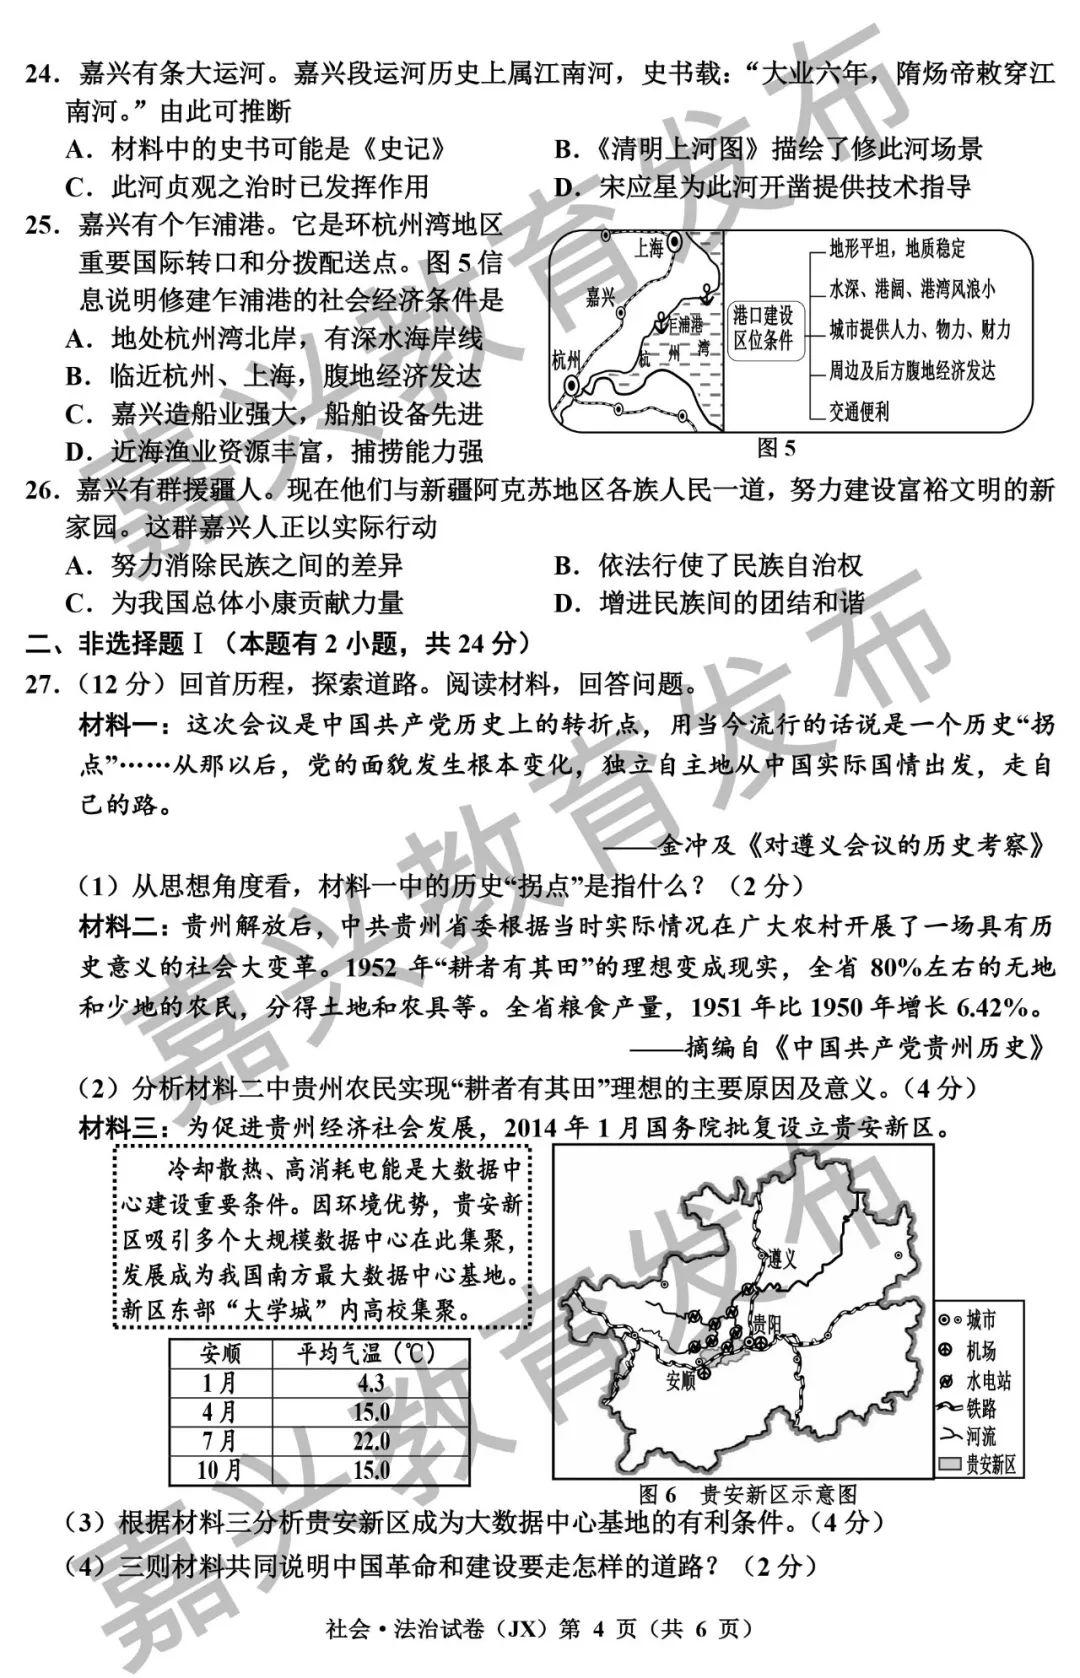 2019年浙江嘉兴中考《历史》真题及答案已公布